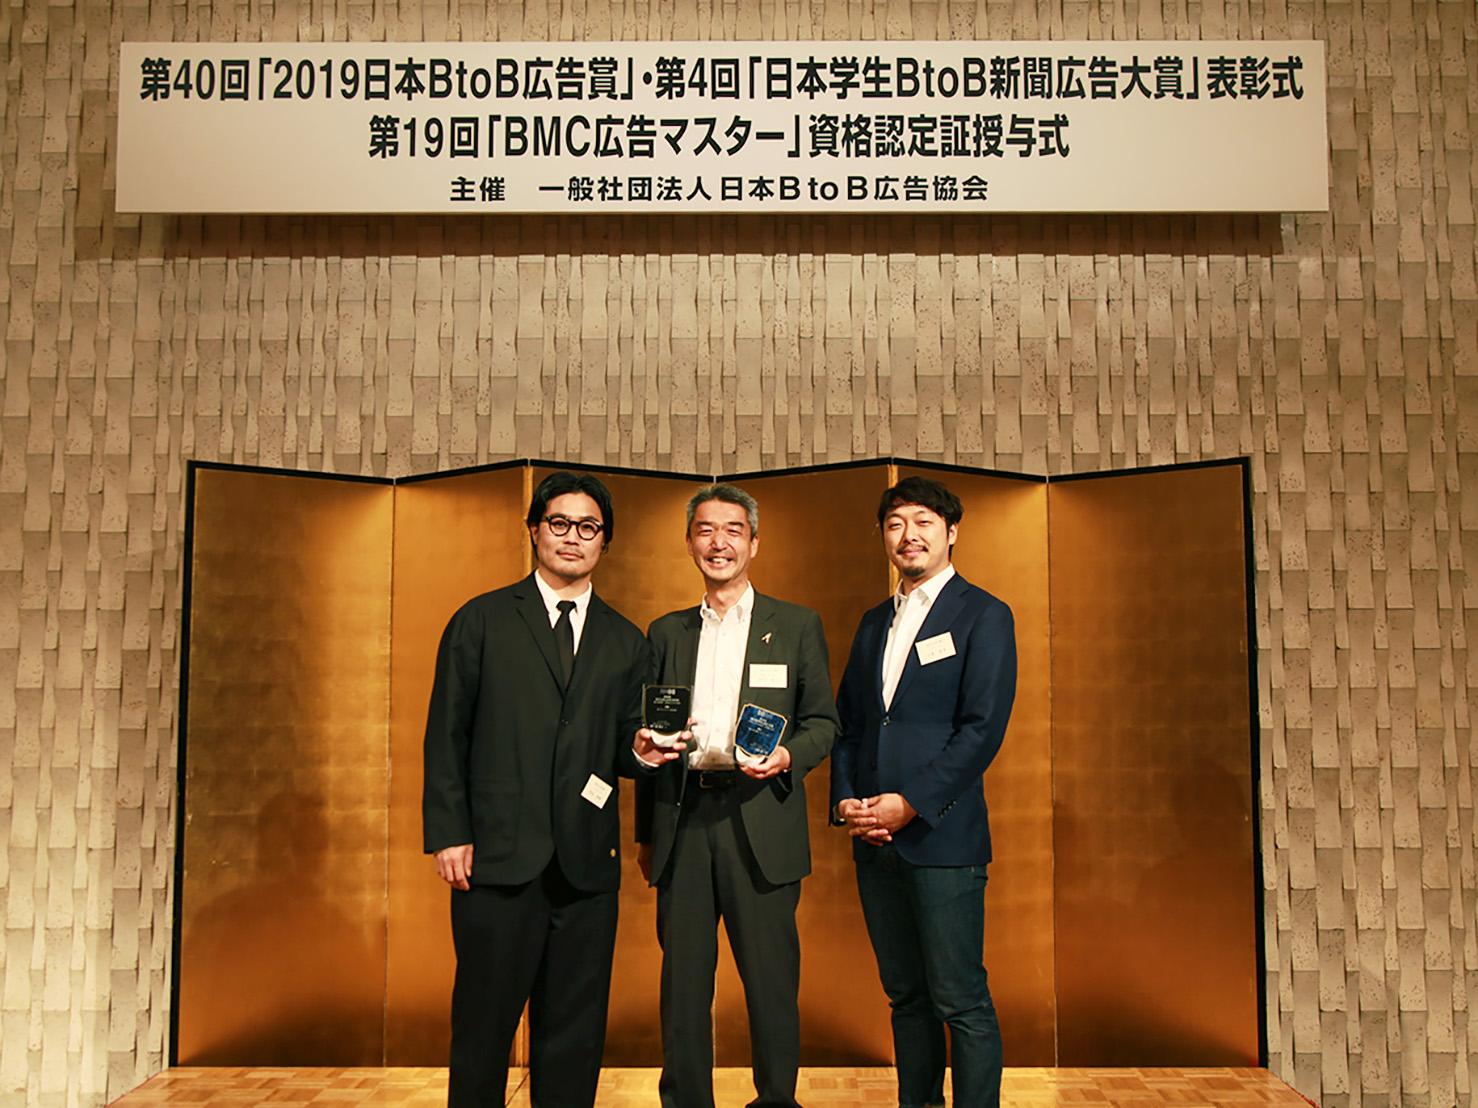 ▲株式会社湘南ベルマーレ 代表取締役社長水谷様(中央)とパラドックスのメンバー